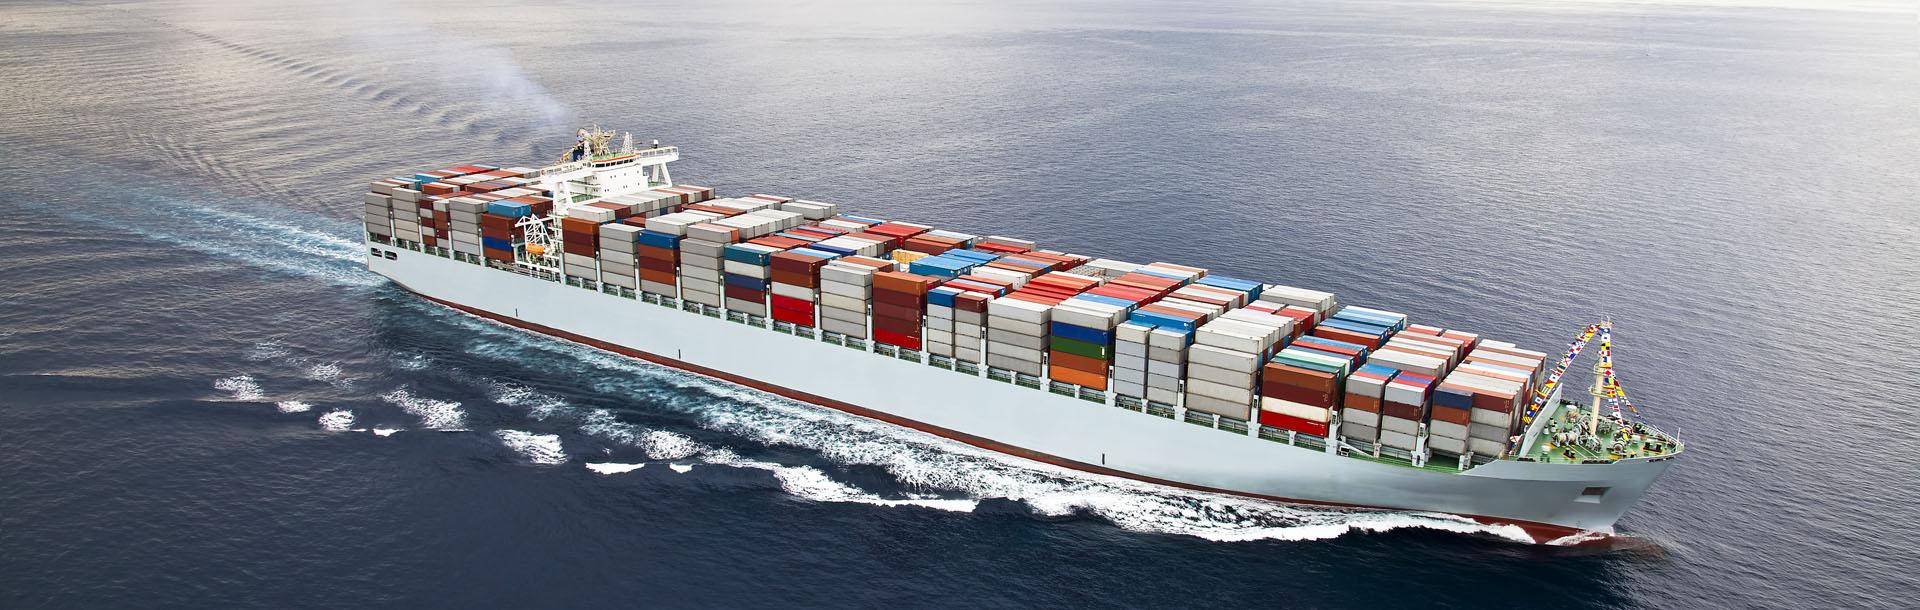 Quay Shipping